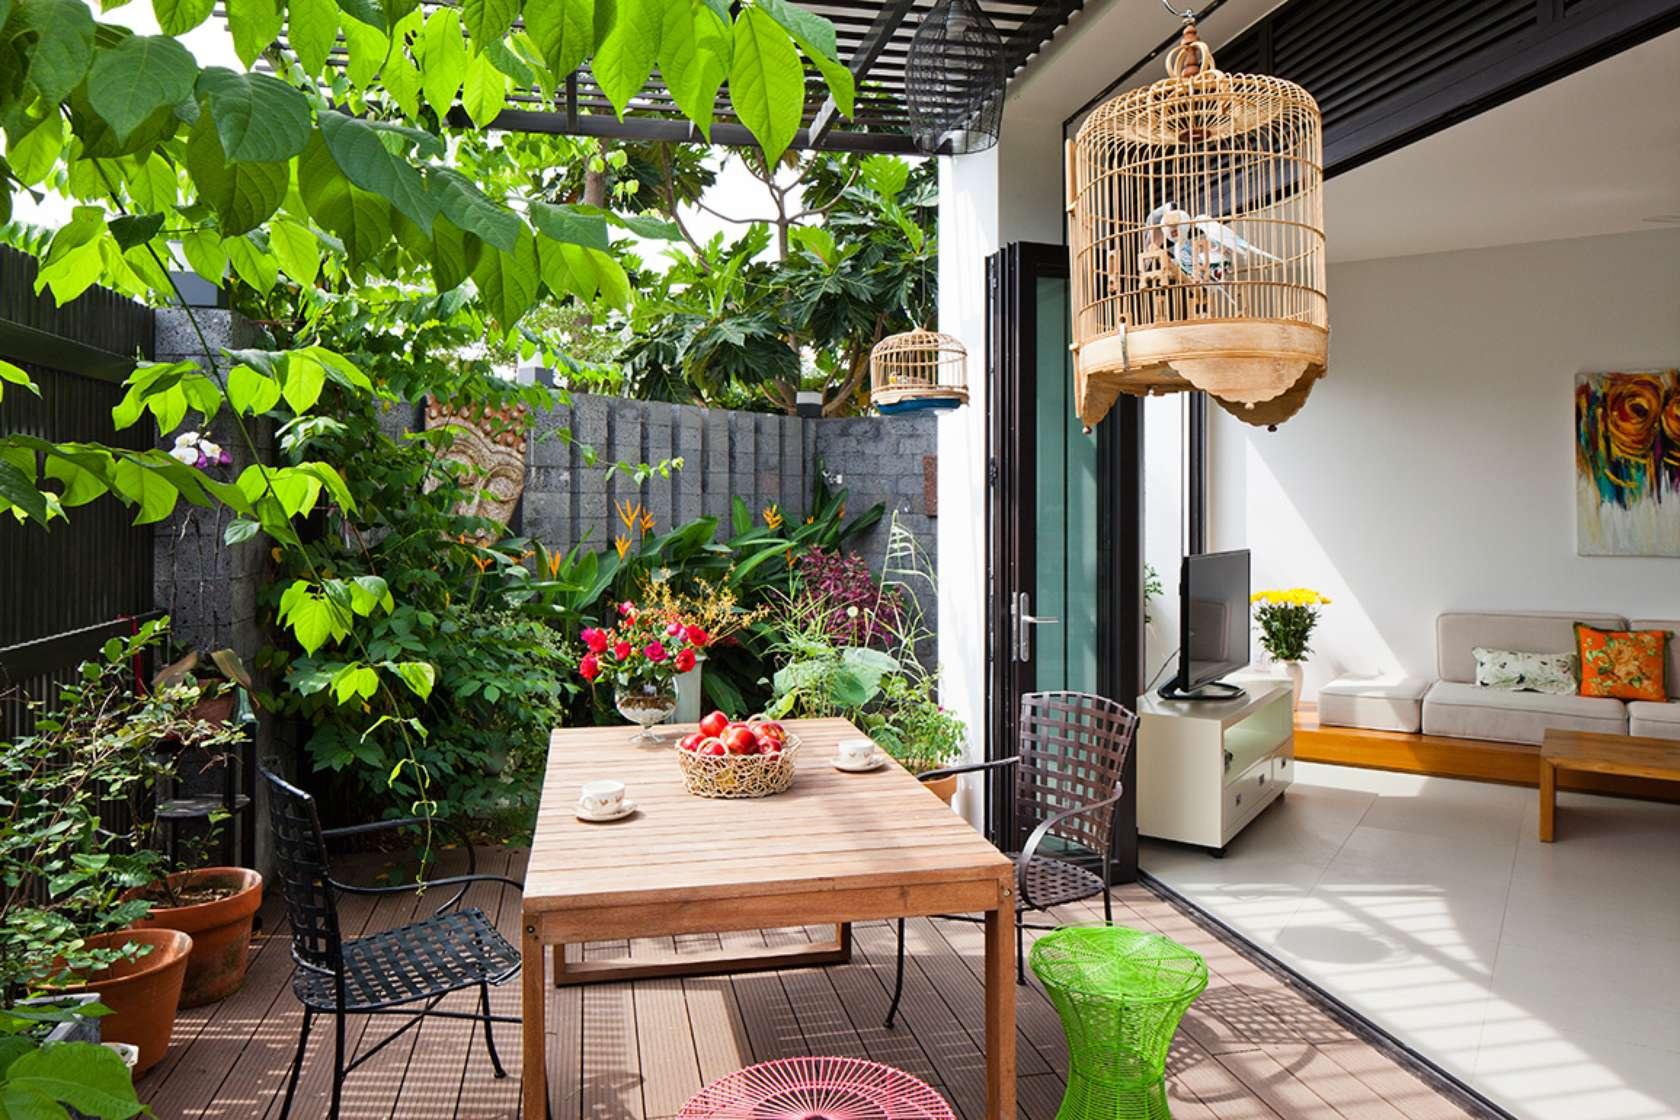 ngoi nha ngoai o sai thanh khien bao tay khong tiec loi khen ngoi 111540844c - D2 Town House Ngôi nhà có sân vườn cực đẹp ở Sài Gòn